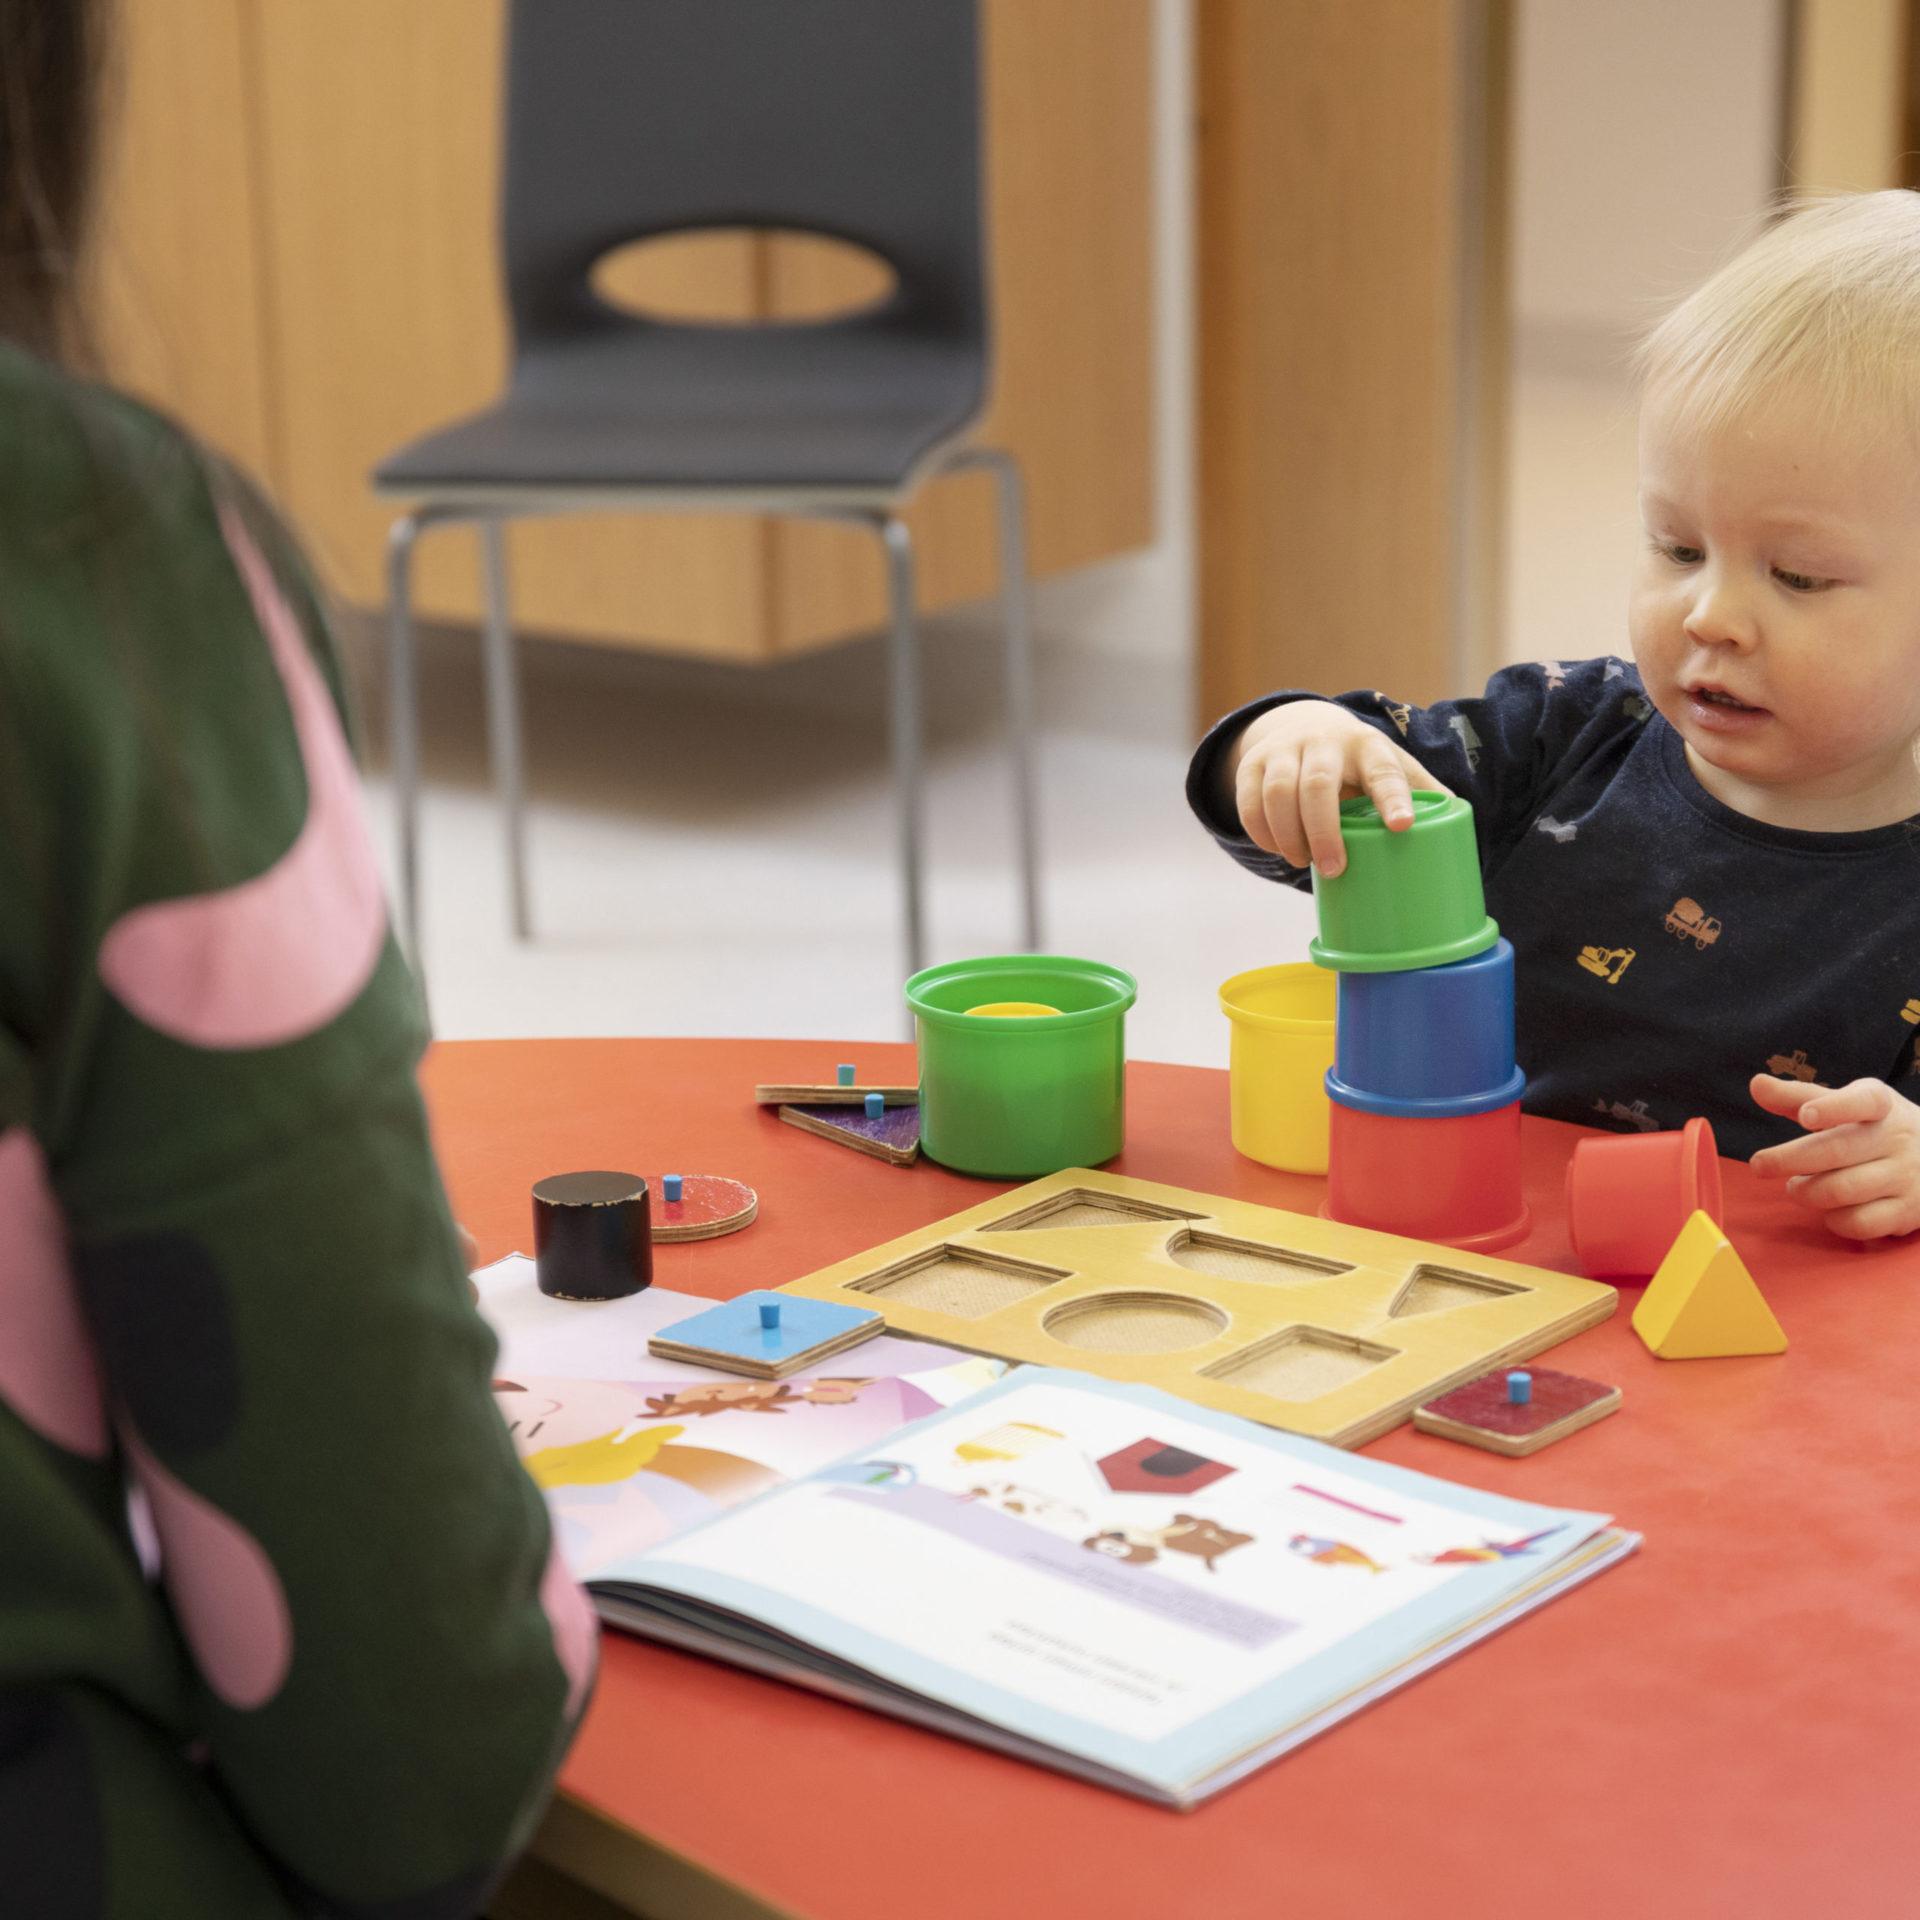 Lapsi tekee neuvolakäyntiin liittyviä tehtäviä neuvolaterveydenhoitajan kanssa.